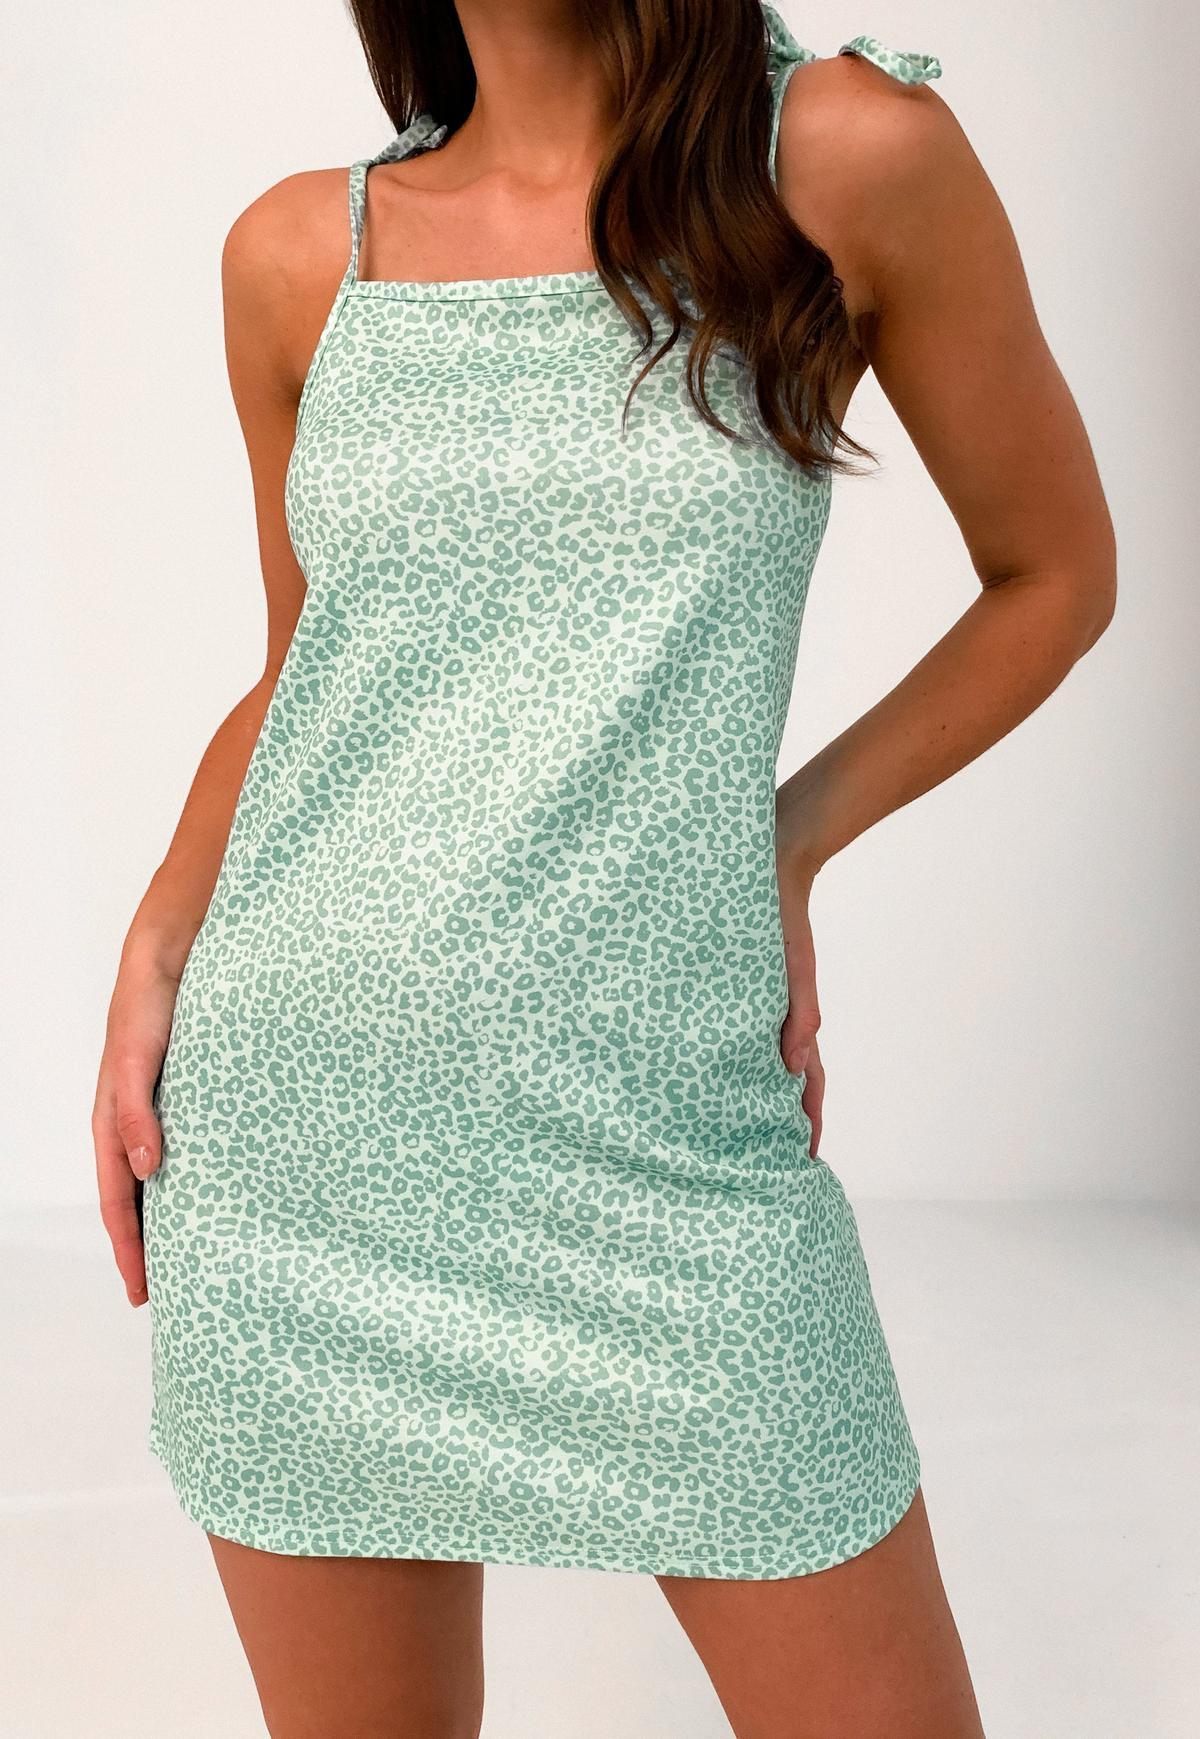 Kleid mit gebundenen Spaghettiträgern und Leopardenmuster in Salbeigrün